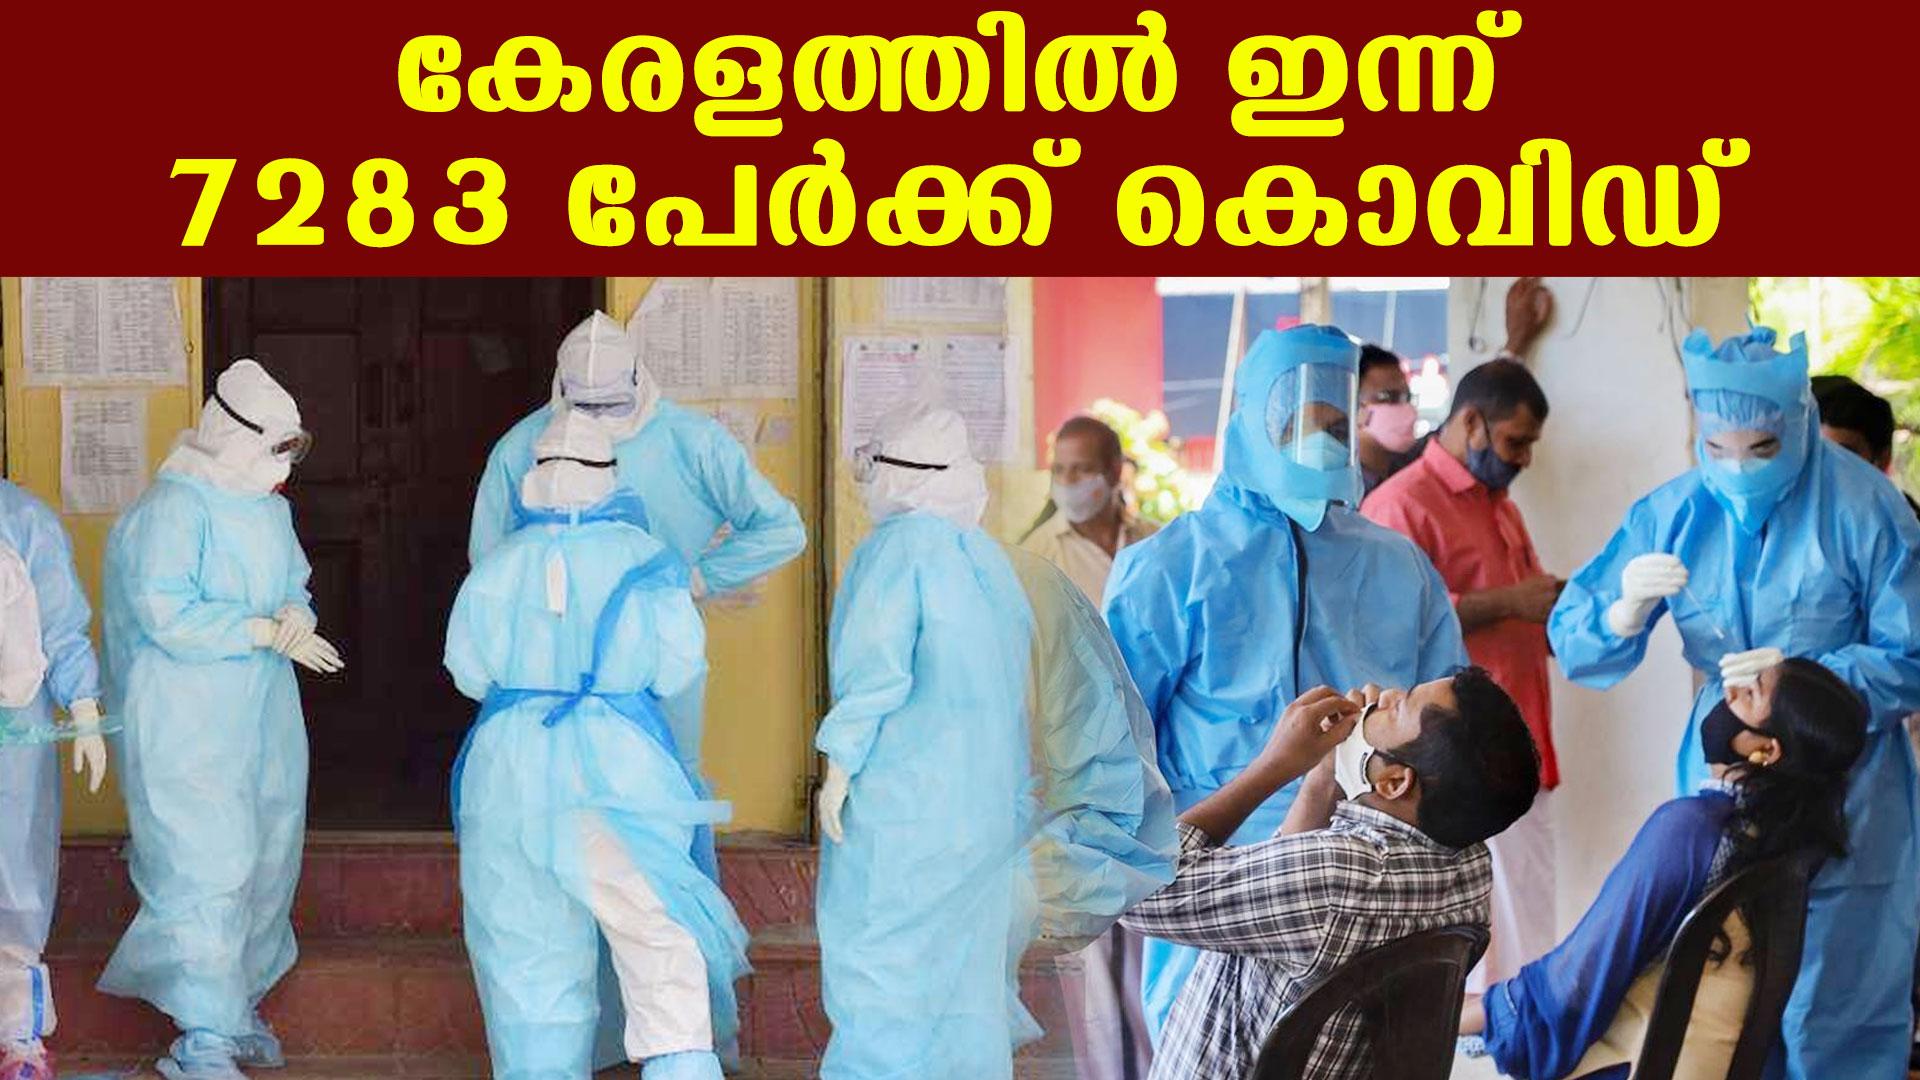 Kerala Pandemic Daily Update